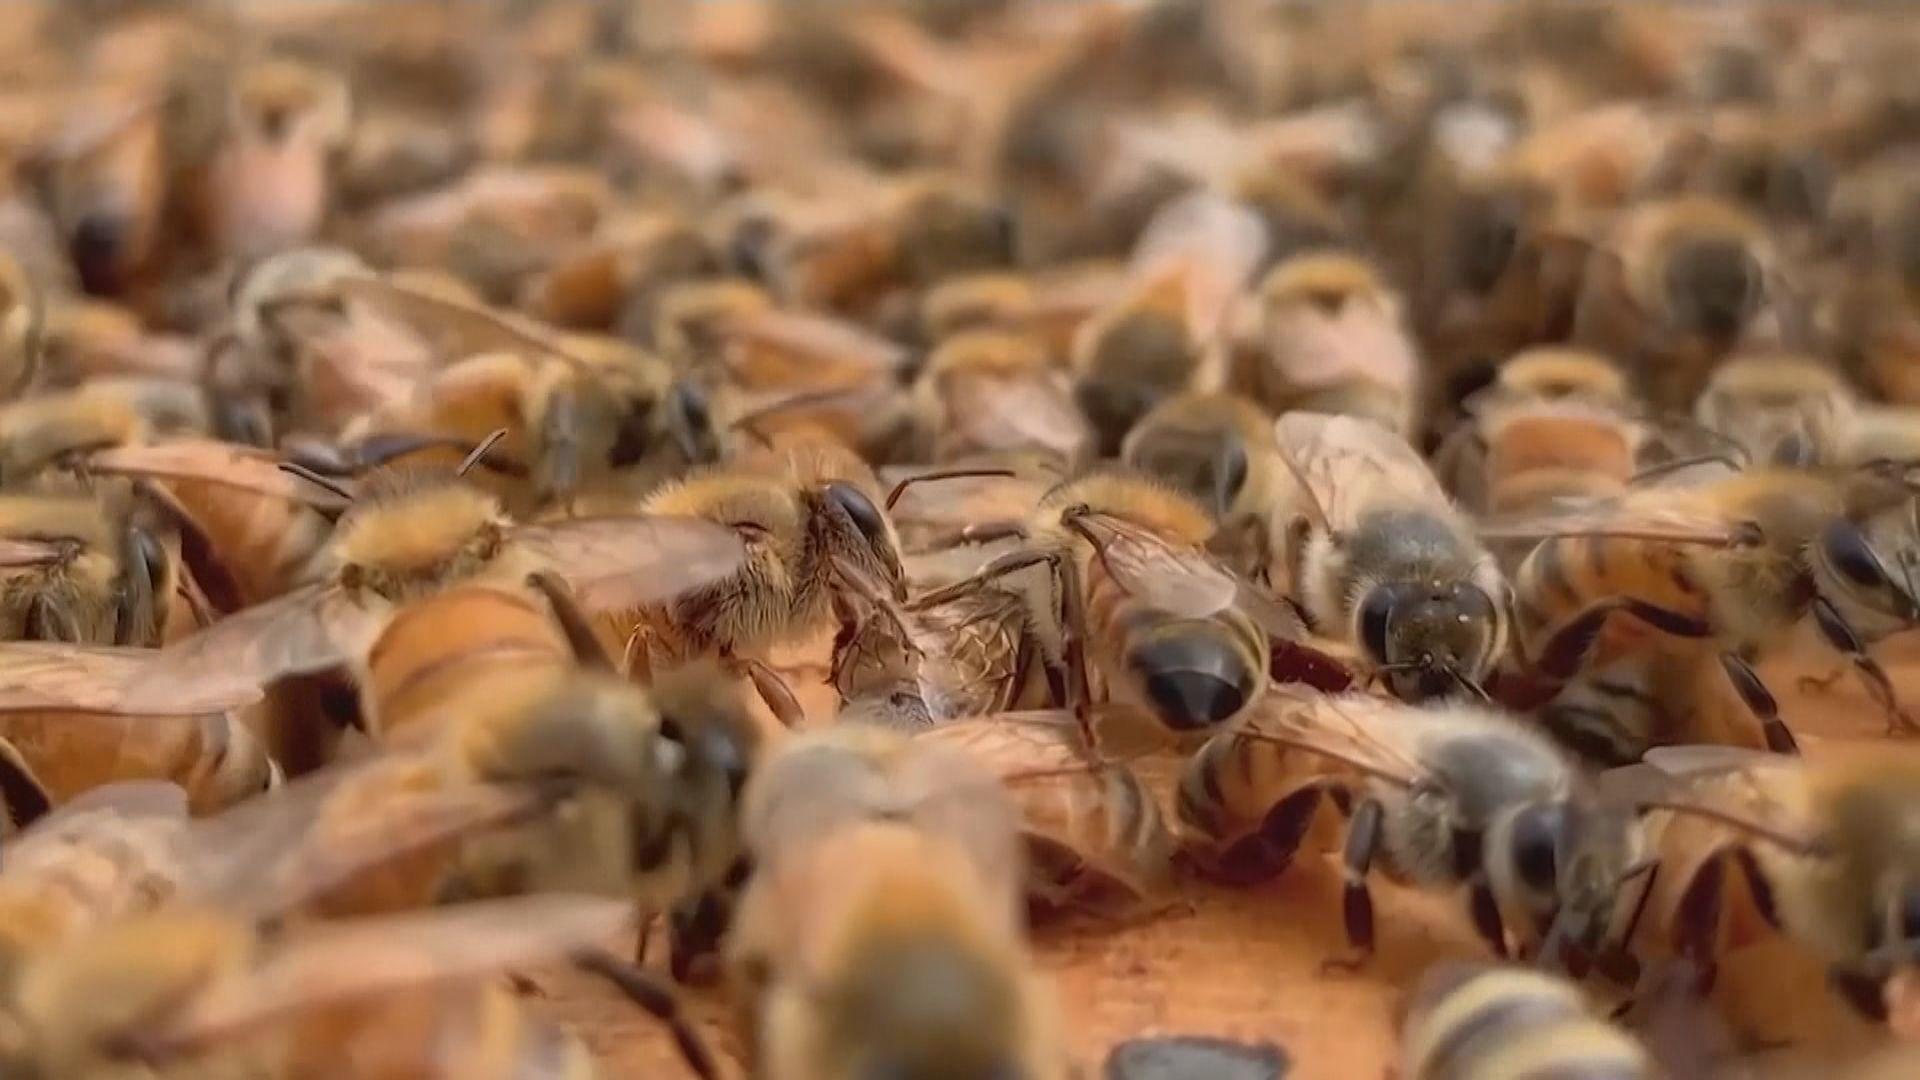 【環球薈報】研究指亞洲蜜蜂會以牲畜糞便「保護」蜂巢